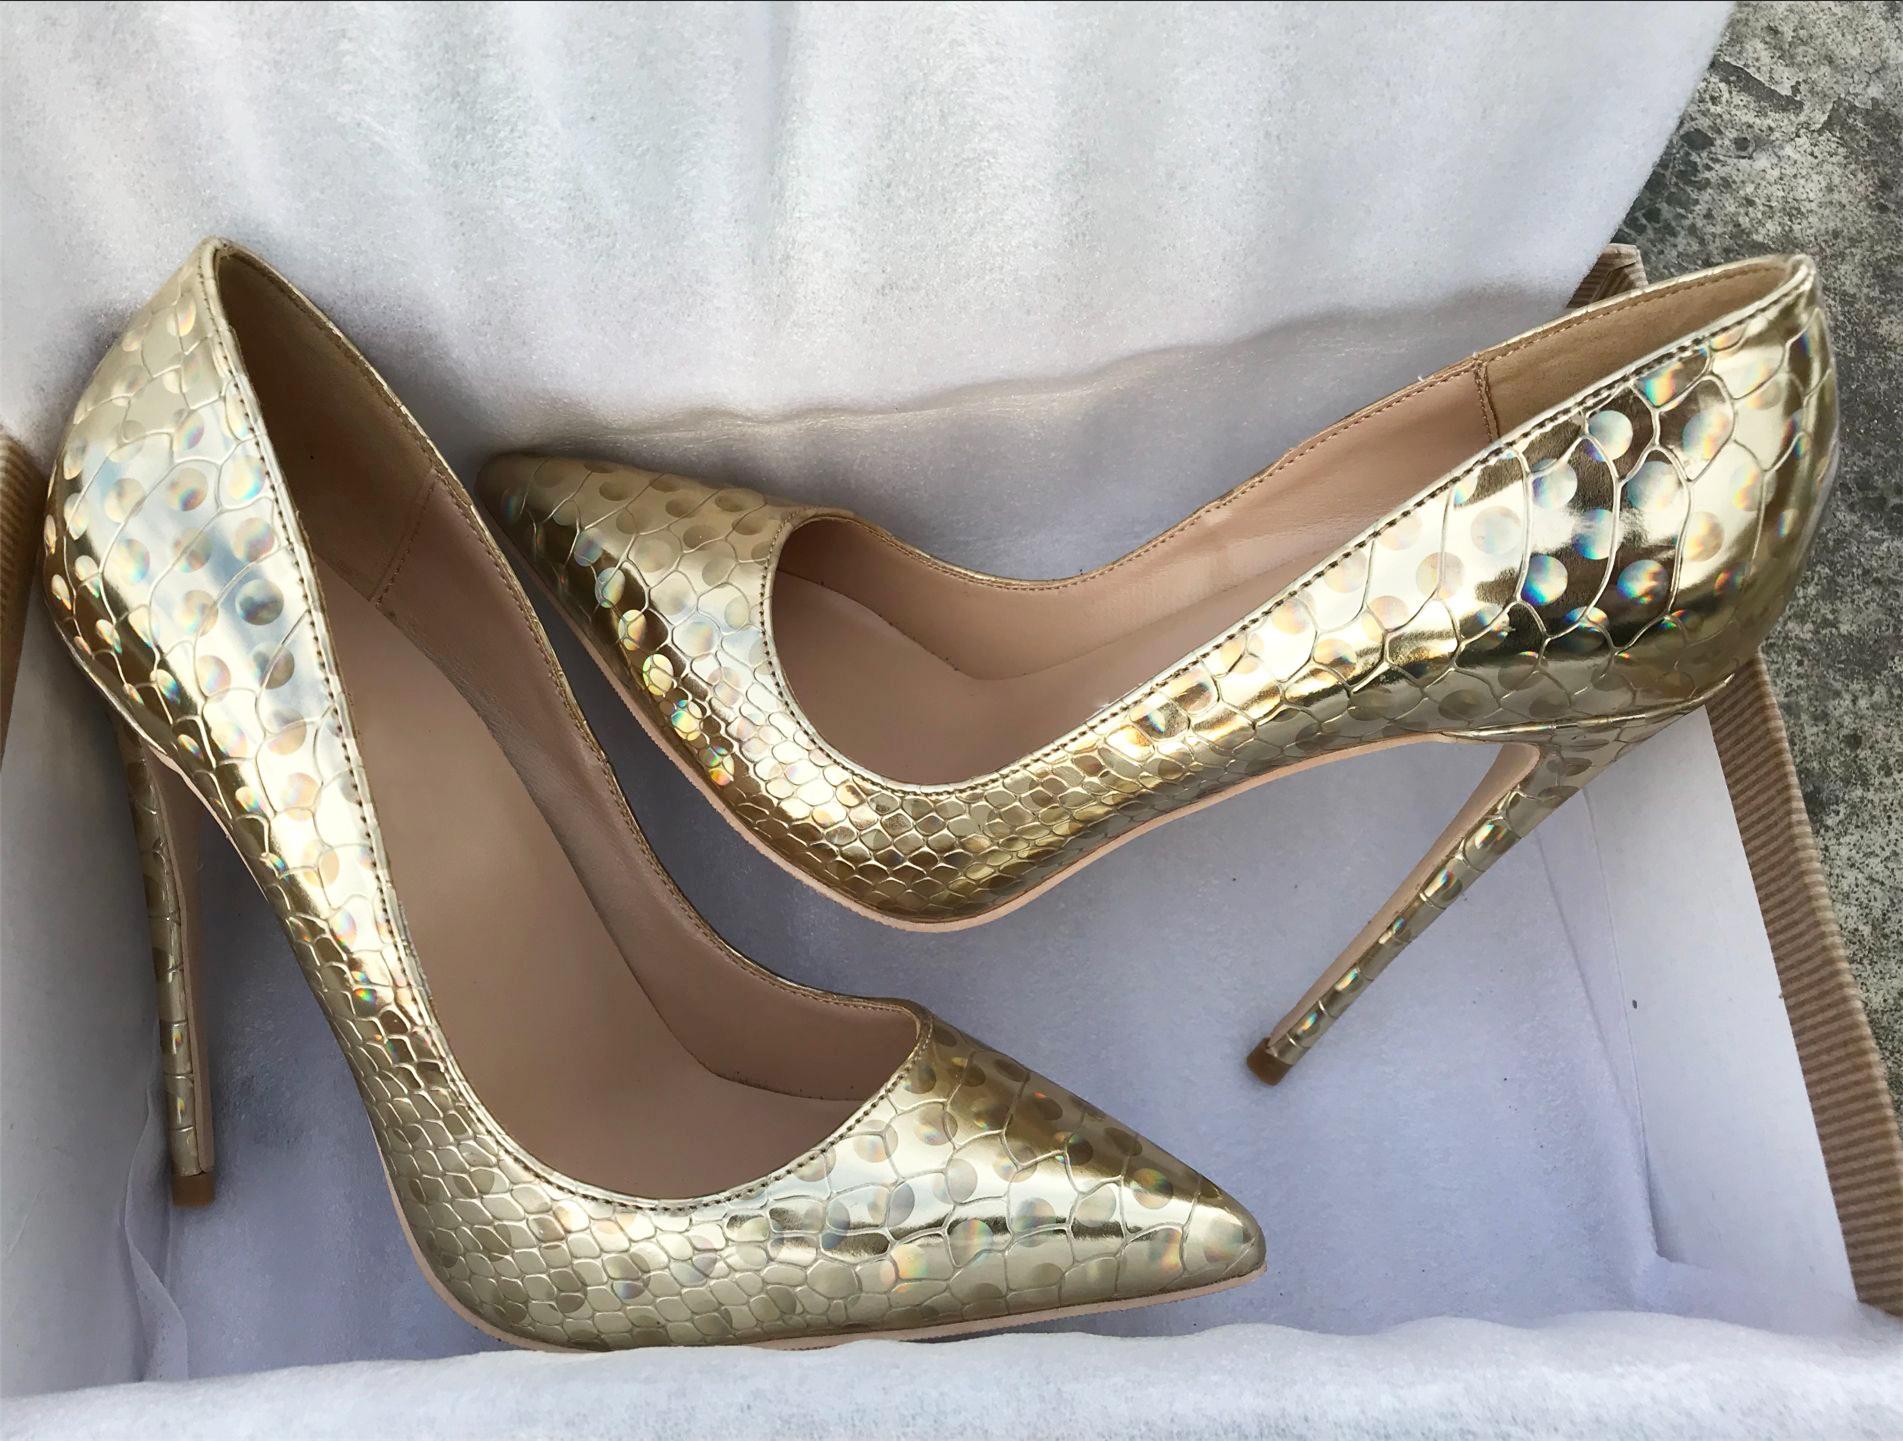 欧美款尖头鞋 欧美新款金色幻彩镭射圈圈高跟鞋细跟尖头高跟鞋浅口单鞋大码43_推荐淘宝好看的欧美尖头鞋